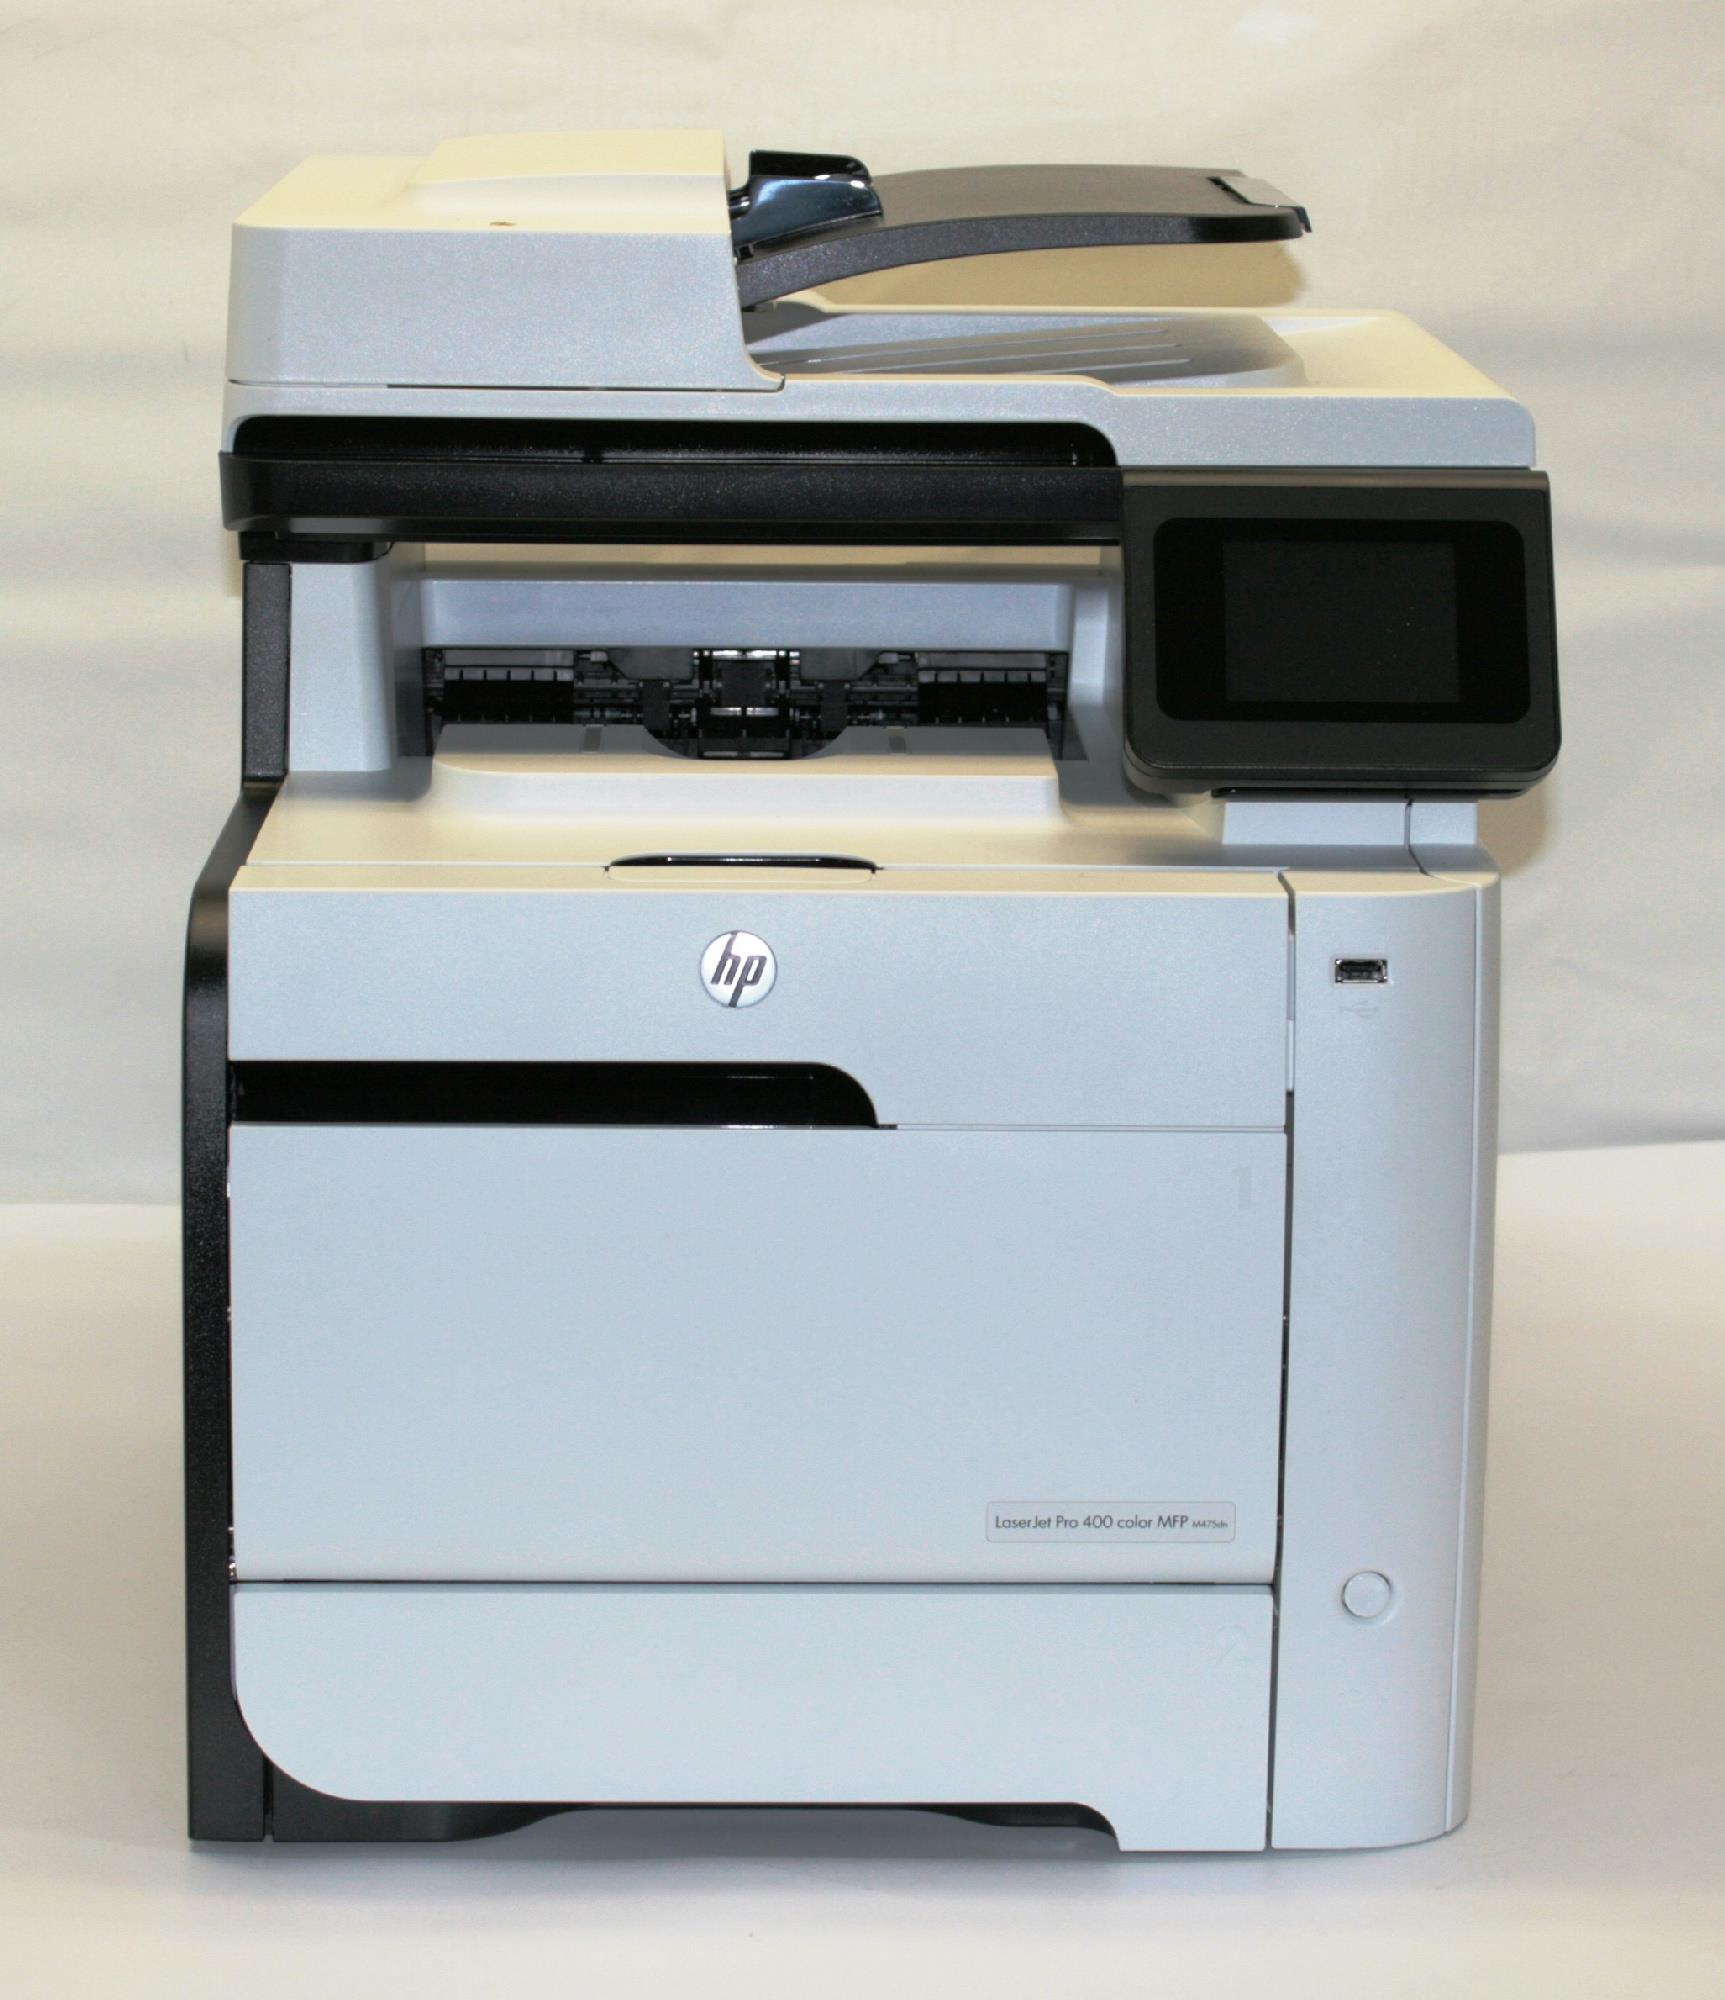 hp laserjet pro 400 color mfp m475dn printer for parts ce863ar bgj 50000144. Black Bedroom Furniture Sets. Home Design Ideas